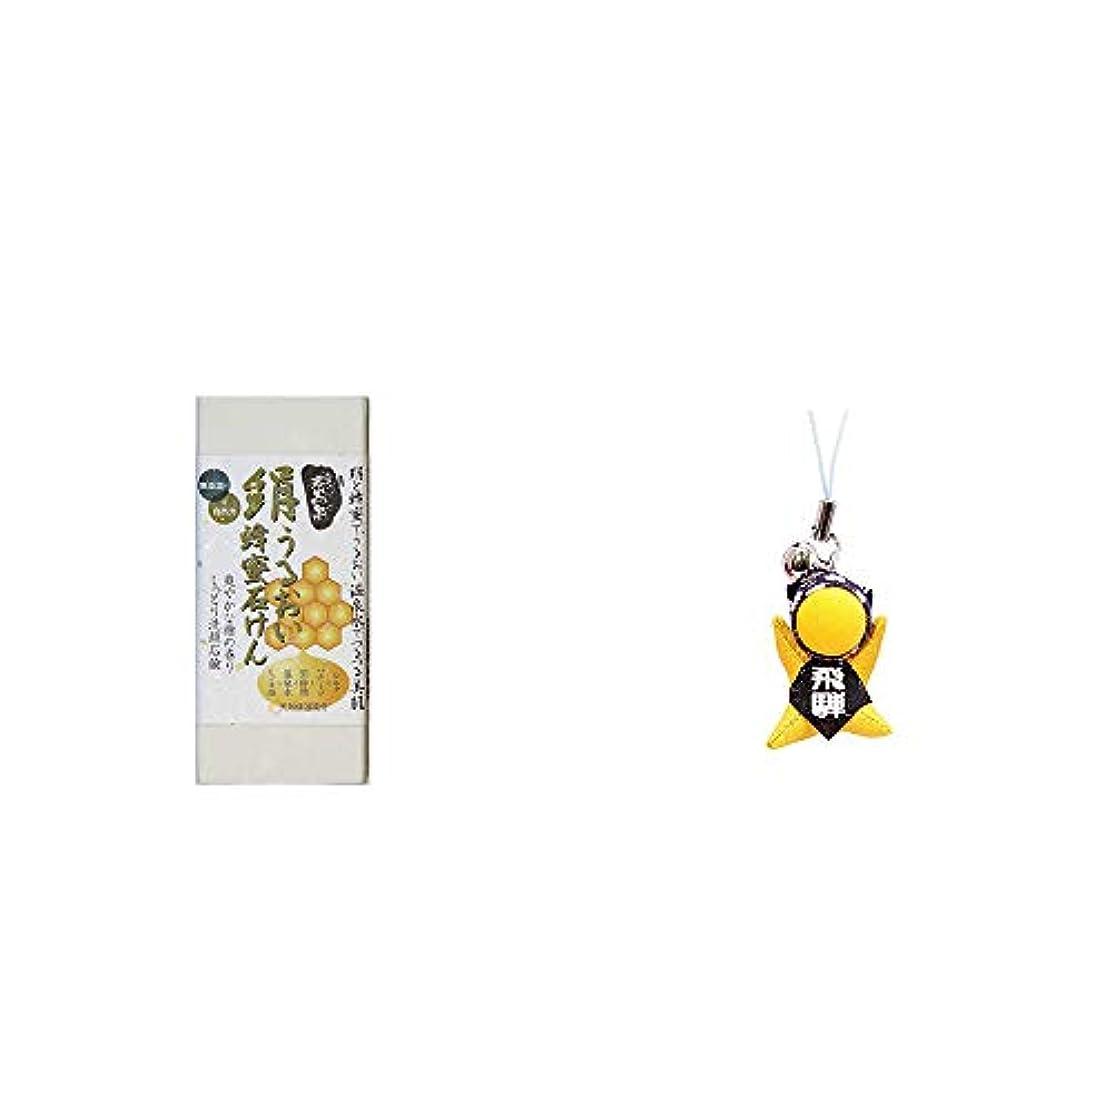 焦げ実証する上級[2点セット] ひのき炭黒泉 絹うるおい蜂蜜石けん(75g×2)?さるぼぼ幸福ストラップ 【緑】 / 風水カラー全9種類 健康 お守り//